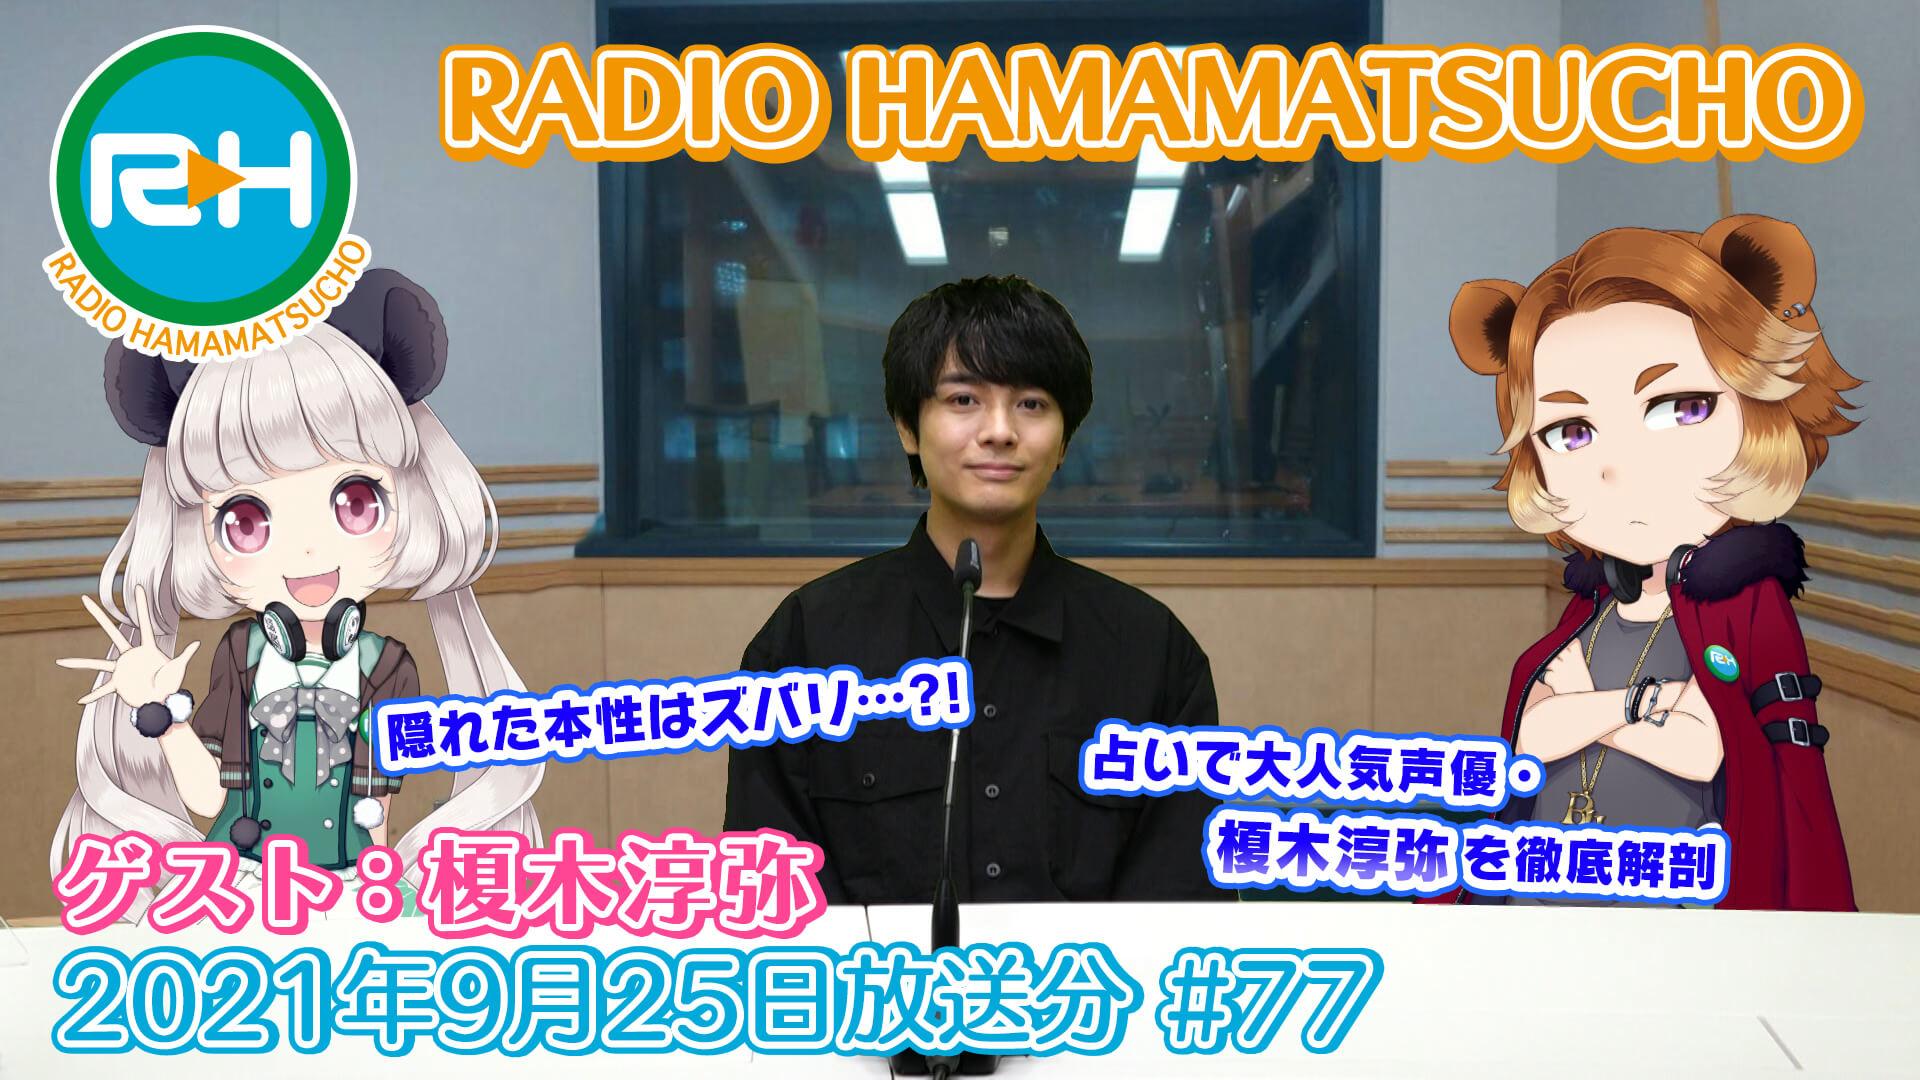 RADIO HAMAMATSUCHO 第77回 (2021年9月25日放送分) ゲスト: 榎木淳弥